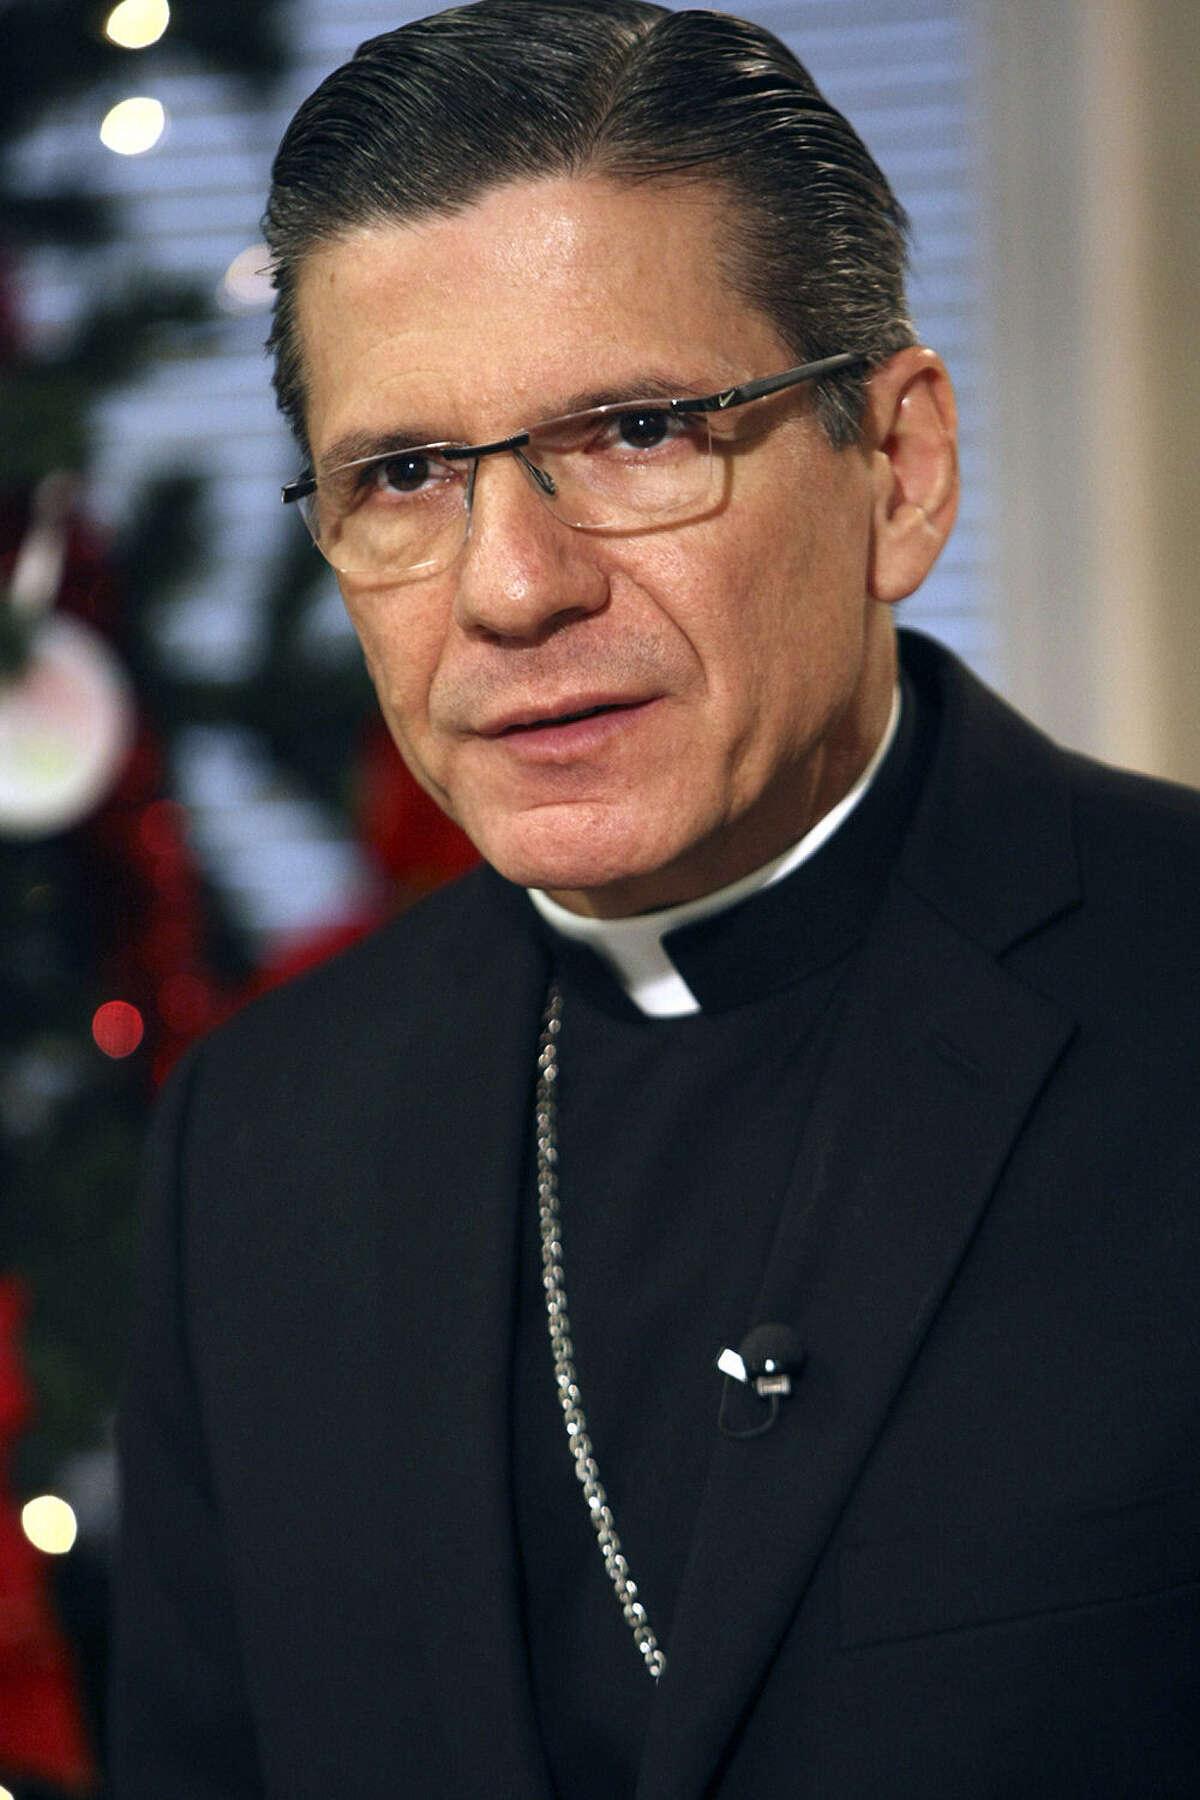 The Most Rev. Gustavo García-Siller is archbishop of San Antonio.